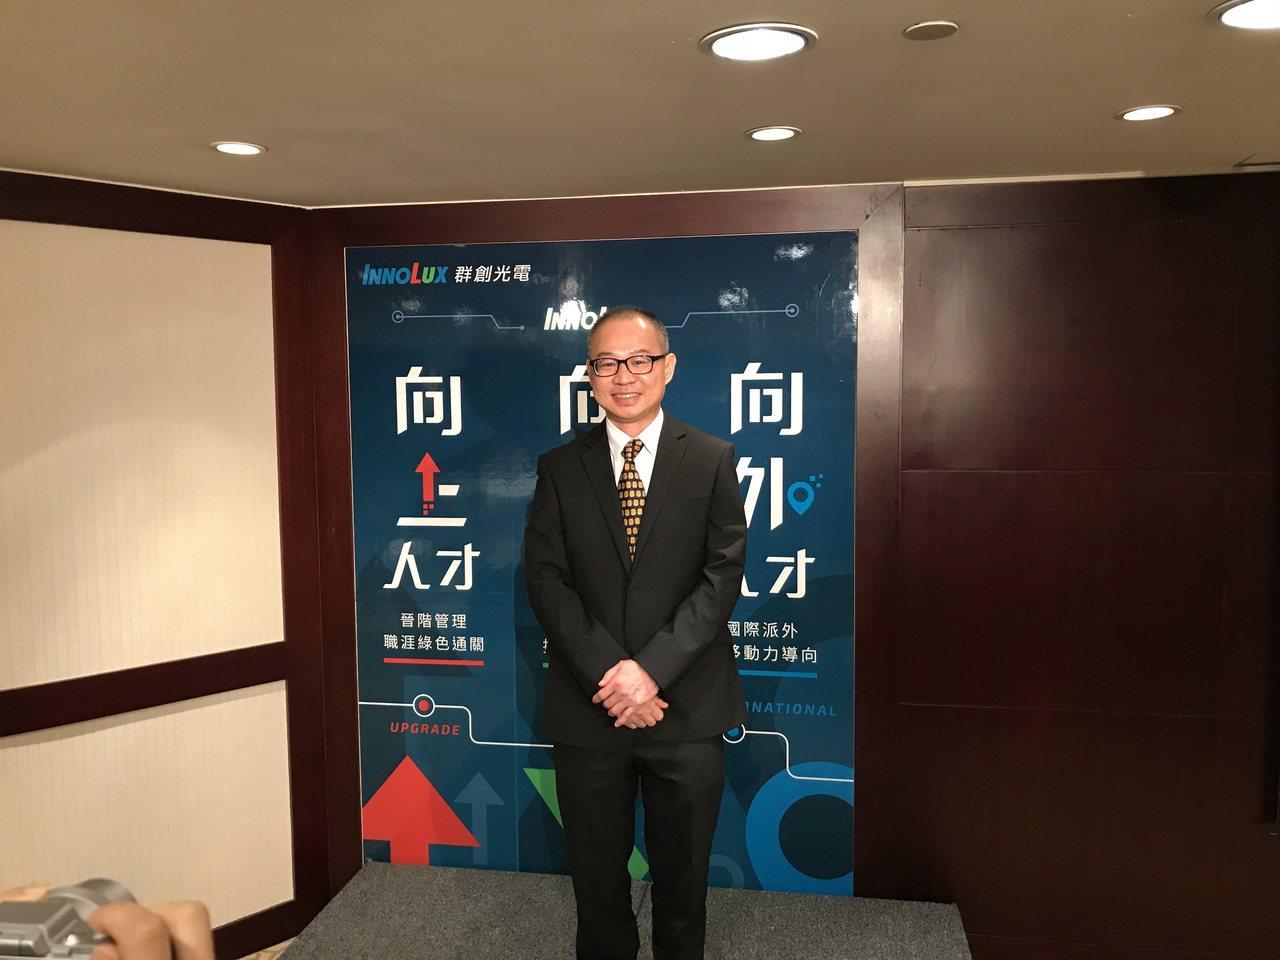 群創總經理蕭志弘提出群創招募「三向人才」:「向上走」指創新技術;「向前走」指做到...